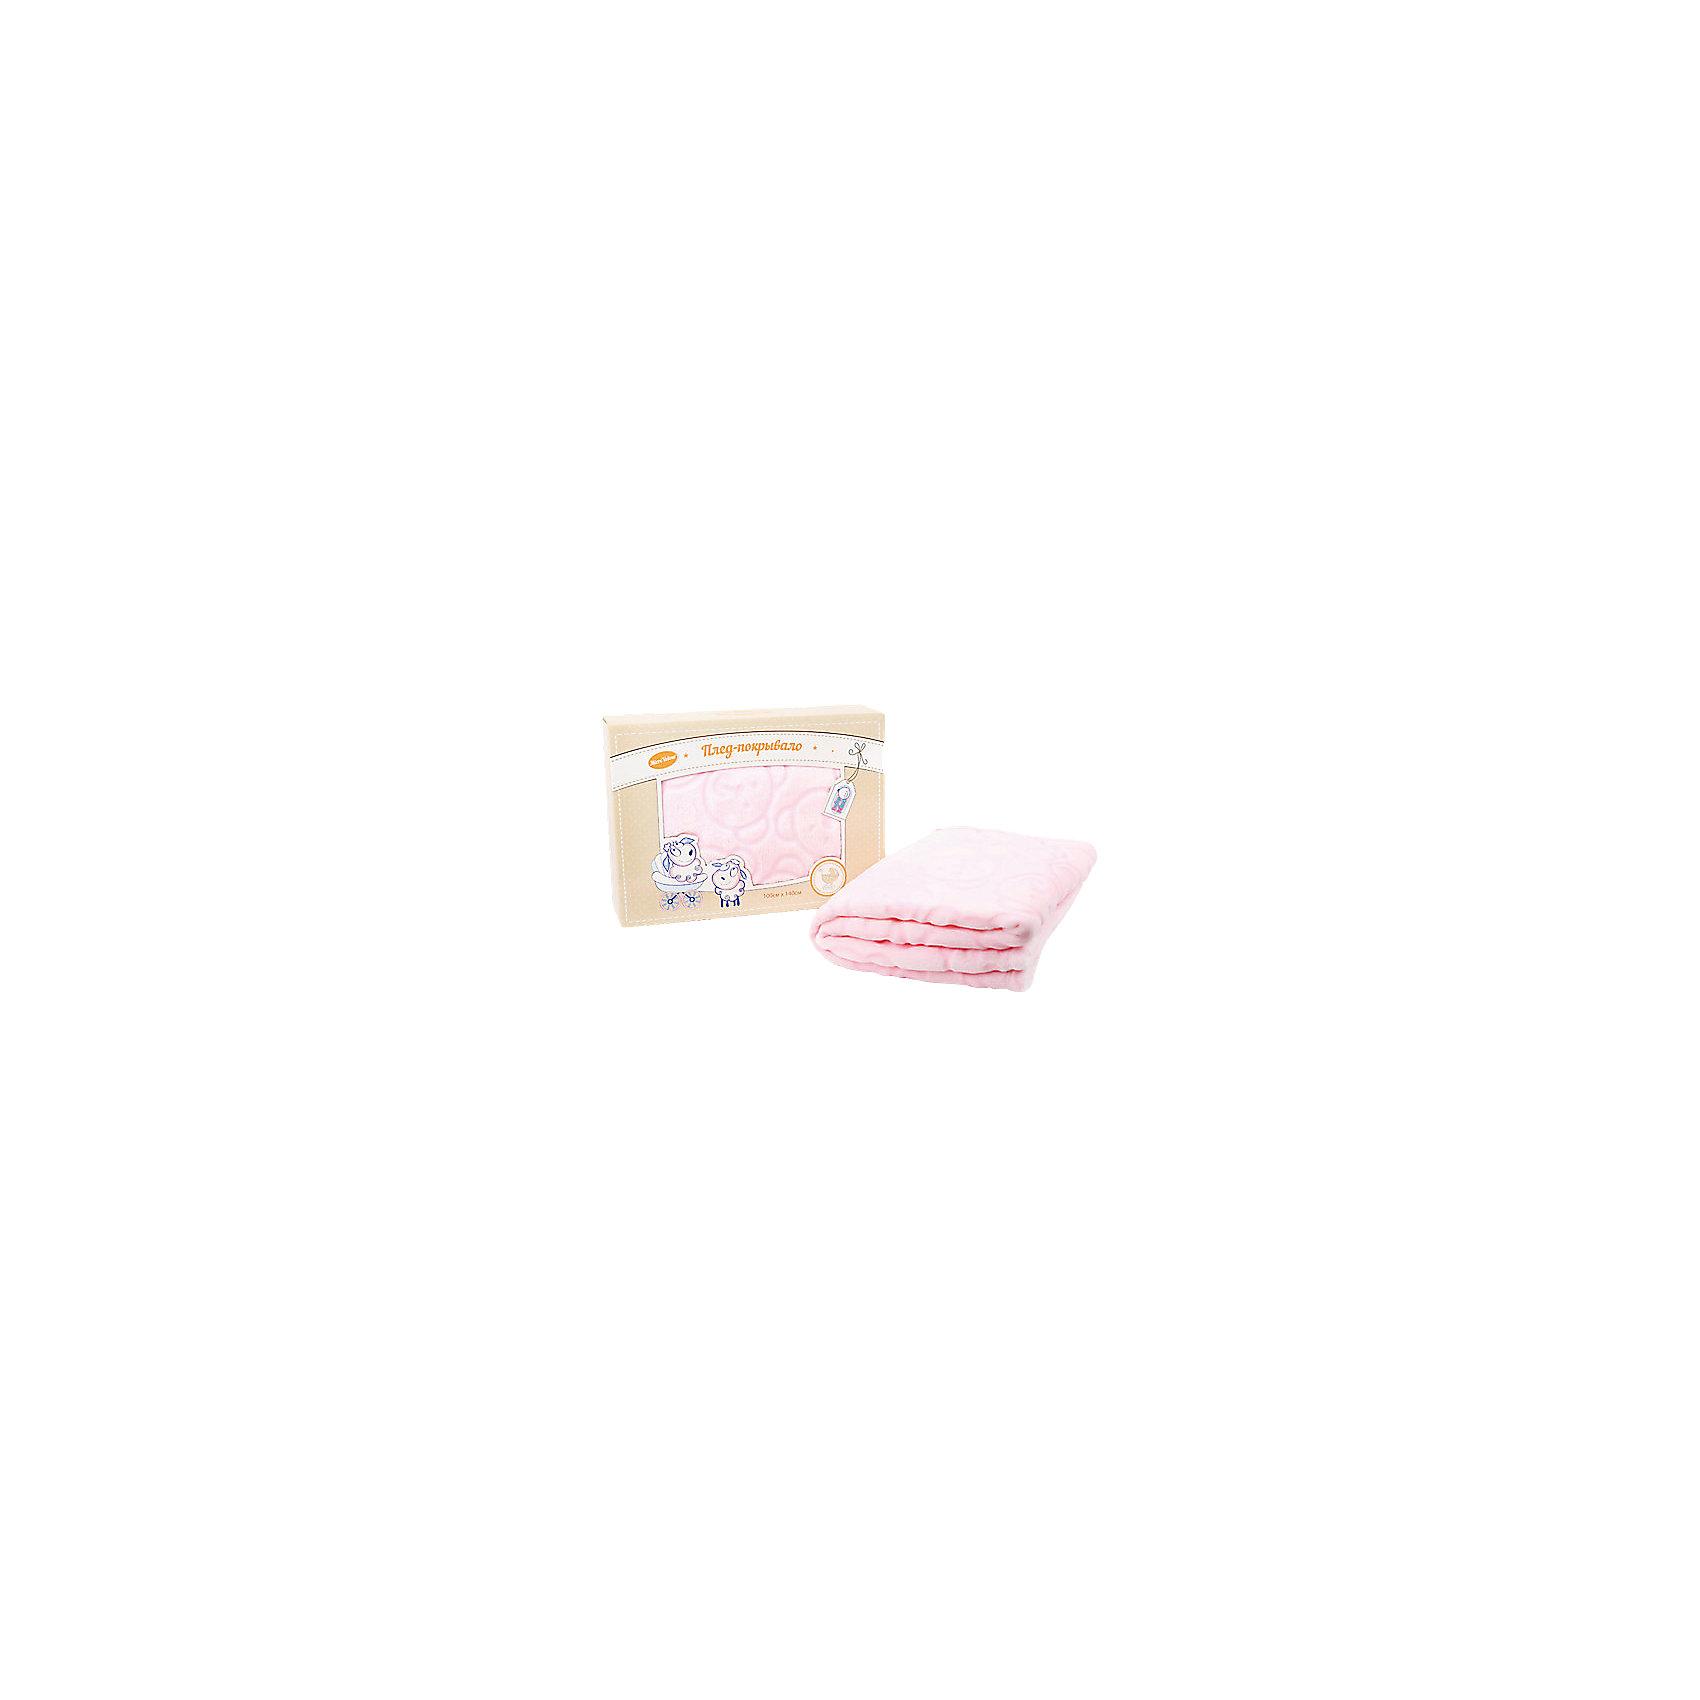 Плед-покрывала микро велюр, Baby Nice, розовыйОдеяла, пледы<br>Плед-покрывало Baby Nice замечательно подойдет для детской спальни в качестве легкого одеяла или покрывала для кроватки, а также согреет малыша на улице в прохладную погоду. Плед очень мягкий и нежный на ощупь, имеет приятную розовую расцветку и украшен симпатичными мишками. Выполнен из высококачественного гипоаллергенного материала, который хорошо поддерживает температурный баланс и способствует правильной терморегуляции, легко стирается не требует глажки.<br><br>Дополнительная информация:<br><br>- Цвет: розовый.<br>- Материал: 100% полиэстер.<br>- Размер пледа: 100 х 140 см.<br>- Размер упаковки: 30 х 20 х 50 см.<br>- Вес: 0,6 кг.<br><br>Плед-покрывало микро велюр, Baby Nice, розовый, можно купить в нашем интернет-магазине.<br><br>Ширина мм: 300<br>Глубина мм: 200<br>Высота мм: 50<br>Вес г: 500<br>Возраст от месяцев: 0<br>Возраст до месяцев: 60<br>Пол: Женский<br>Возраст: Детский<br>SKU: 4032806